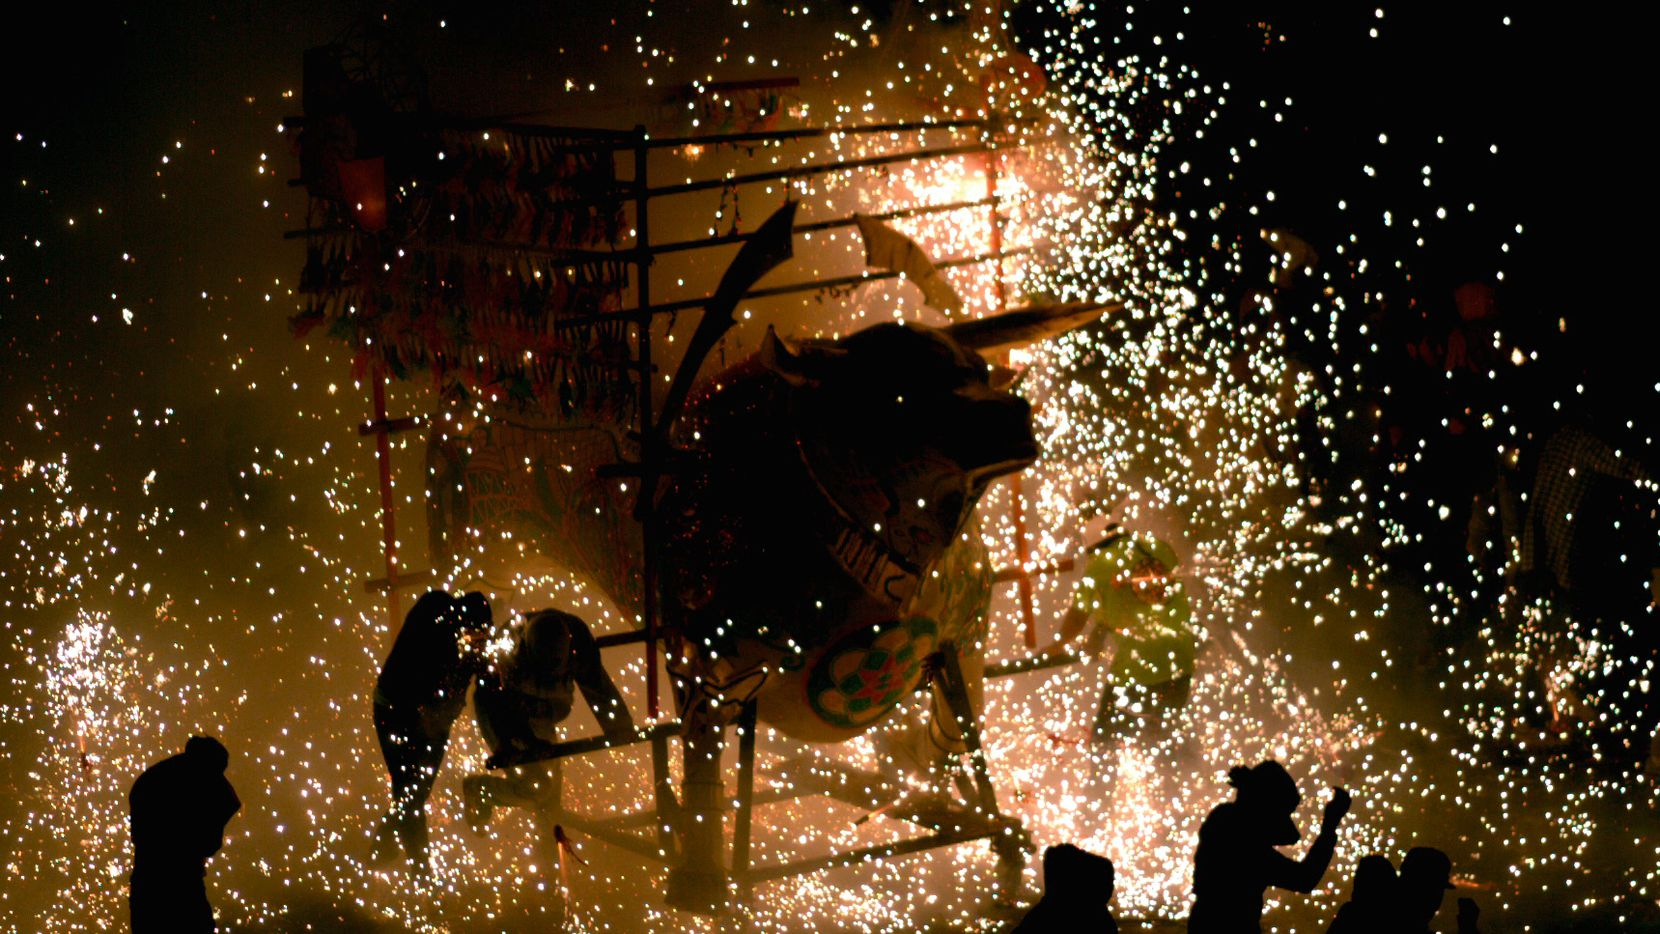 """Una escena del documental """"Pólvora y gloria"""" (""""Brimstone & Glory"""") sobre la tradición de pirotecnia en el pueblo mexicano de Tultepec en una fotografía proporcionada por Machete Cine. (Machete Cine via AP)"""